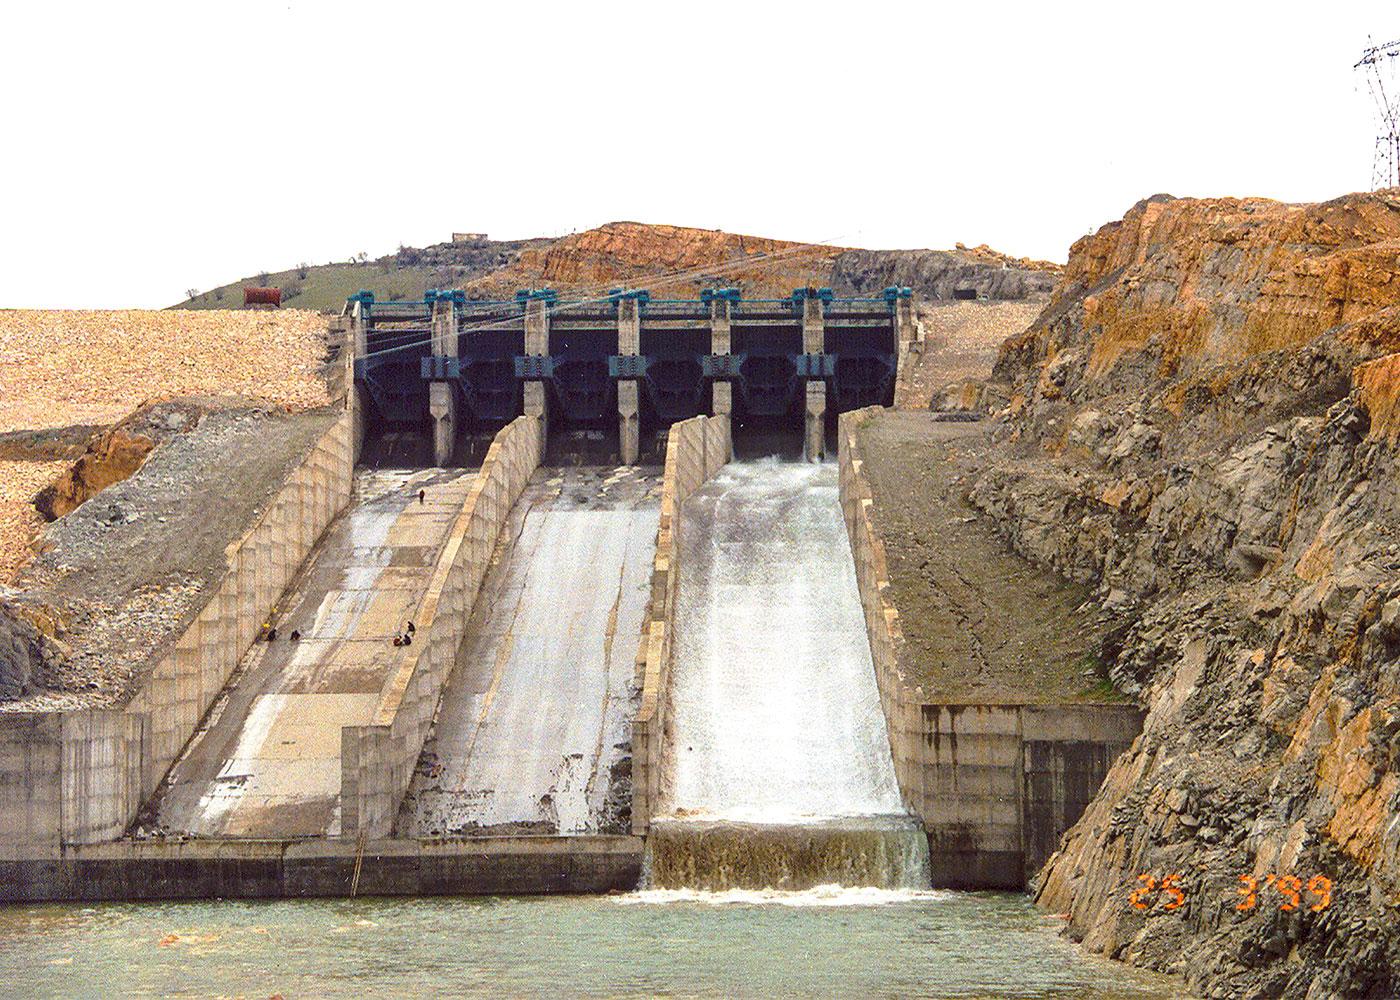 Batman Dam & HEPP (3x63 MW), Diyarbakır / Turkey